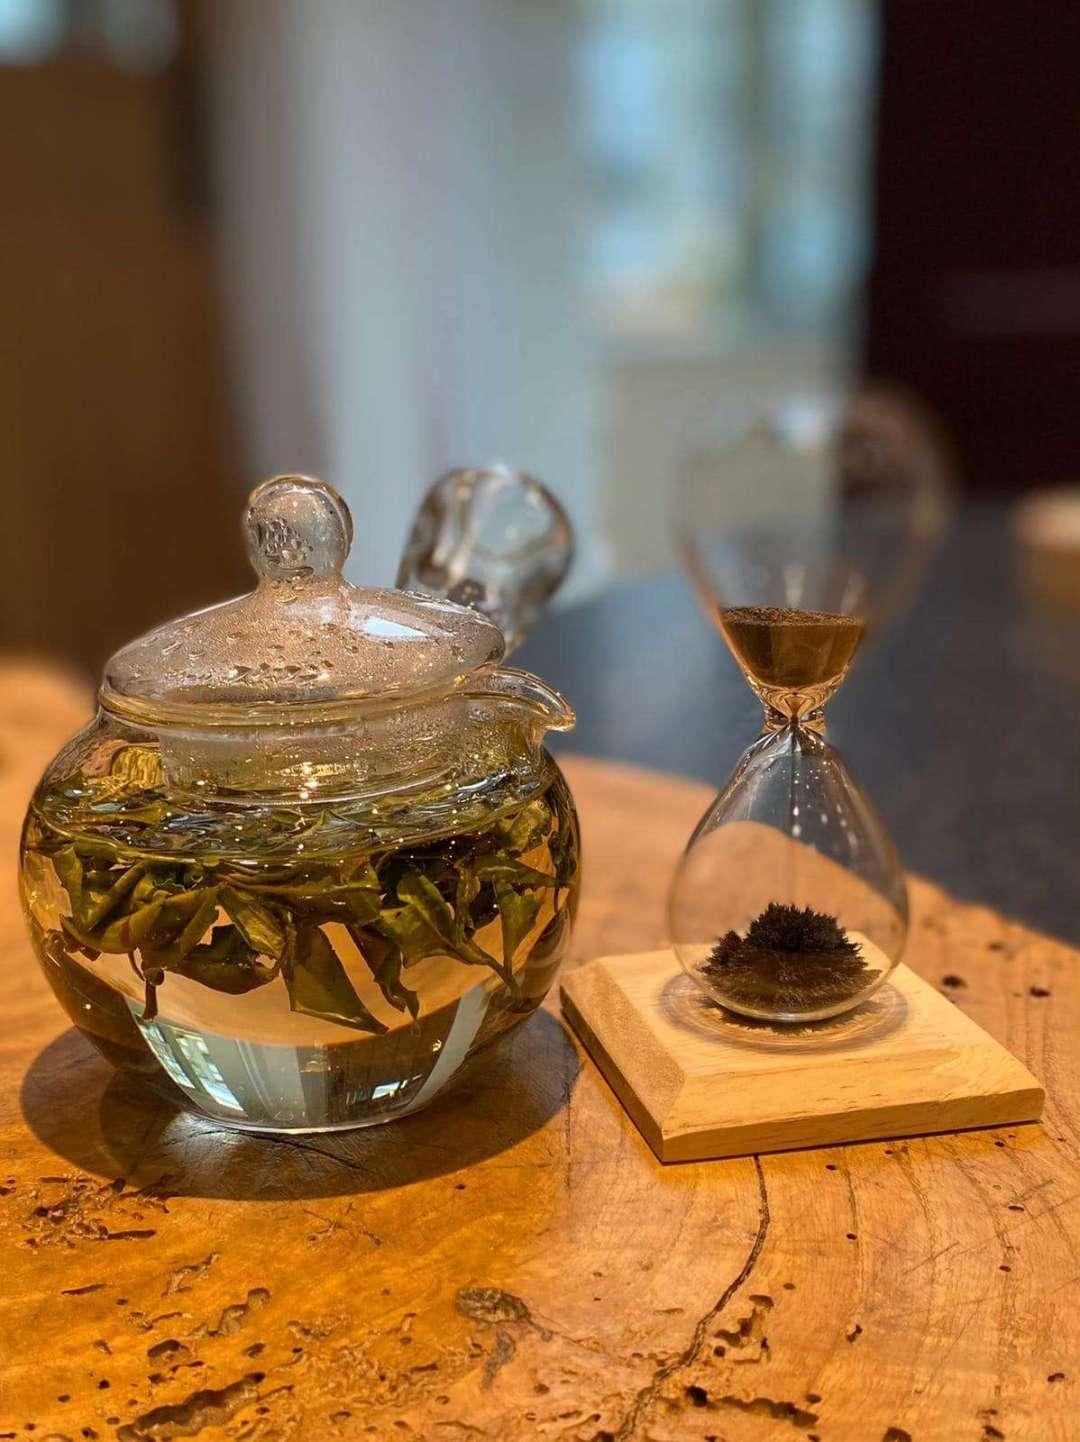 The Japanese White Tea Odyssey - Part 2 - Temomi white tea brewing